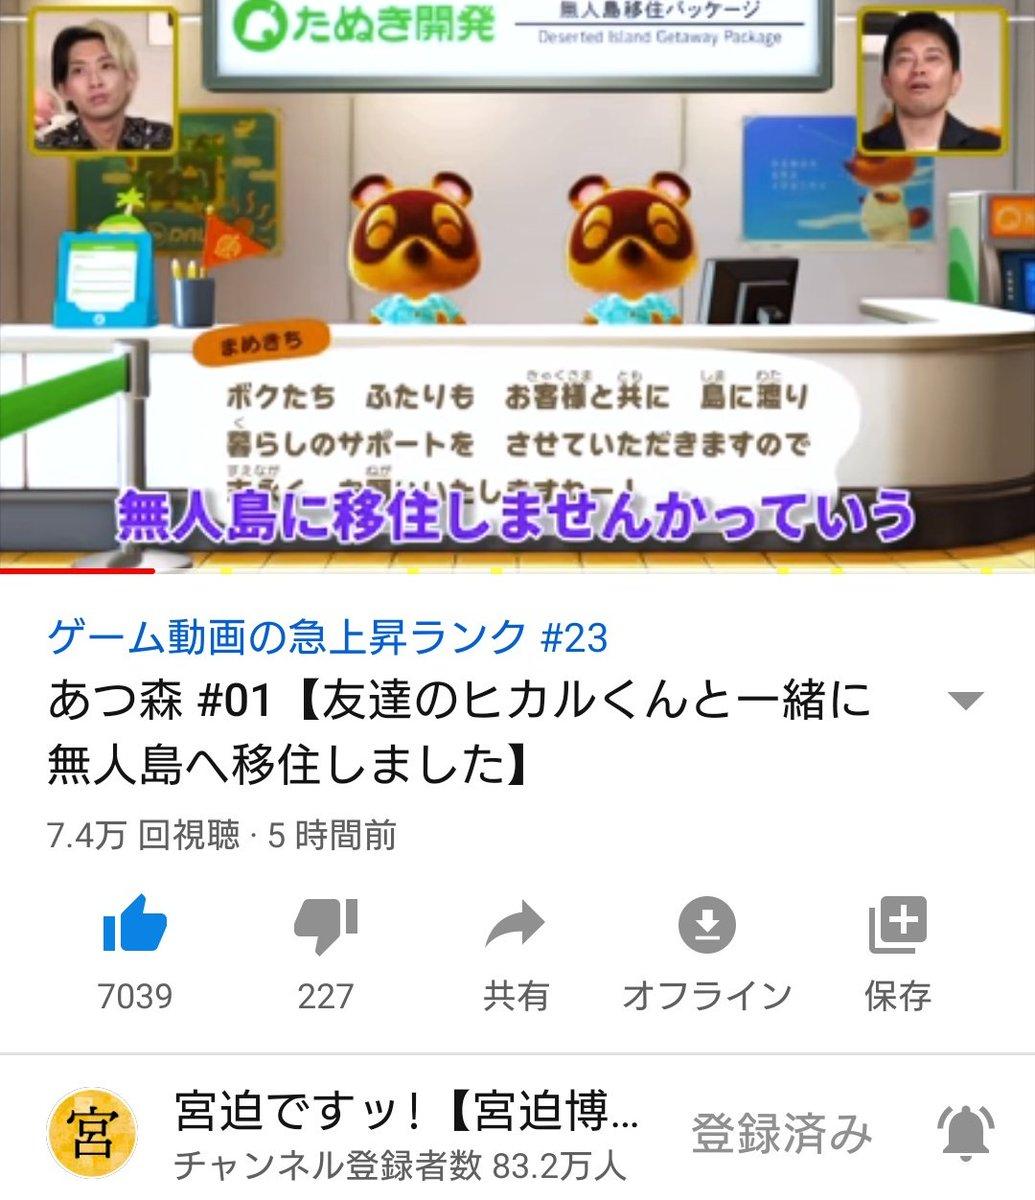 ランキング twitter 動画